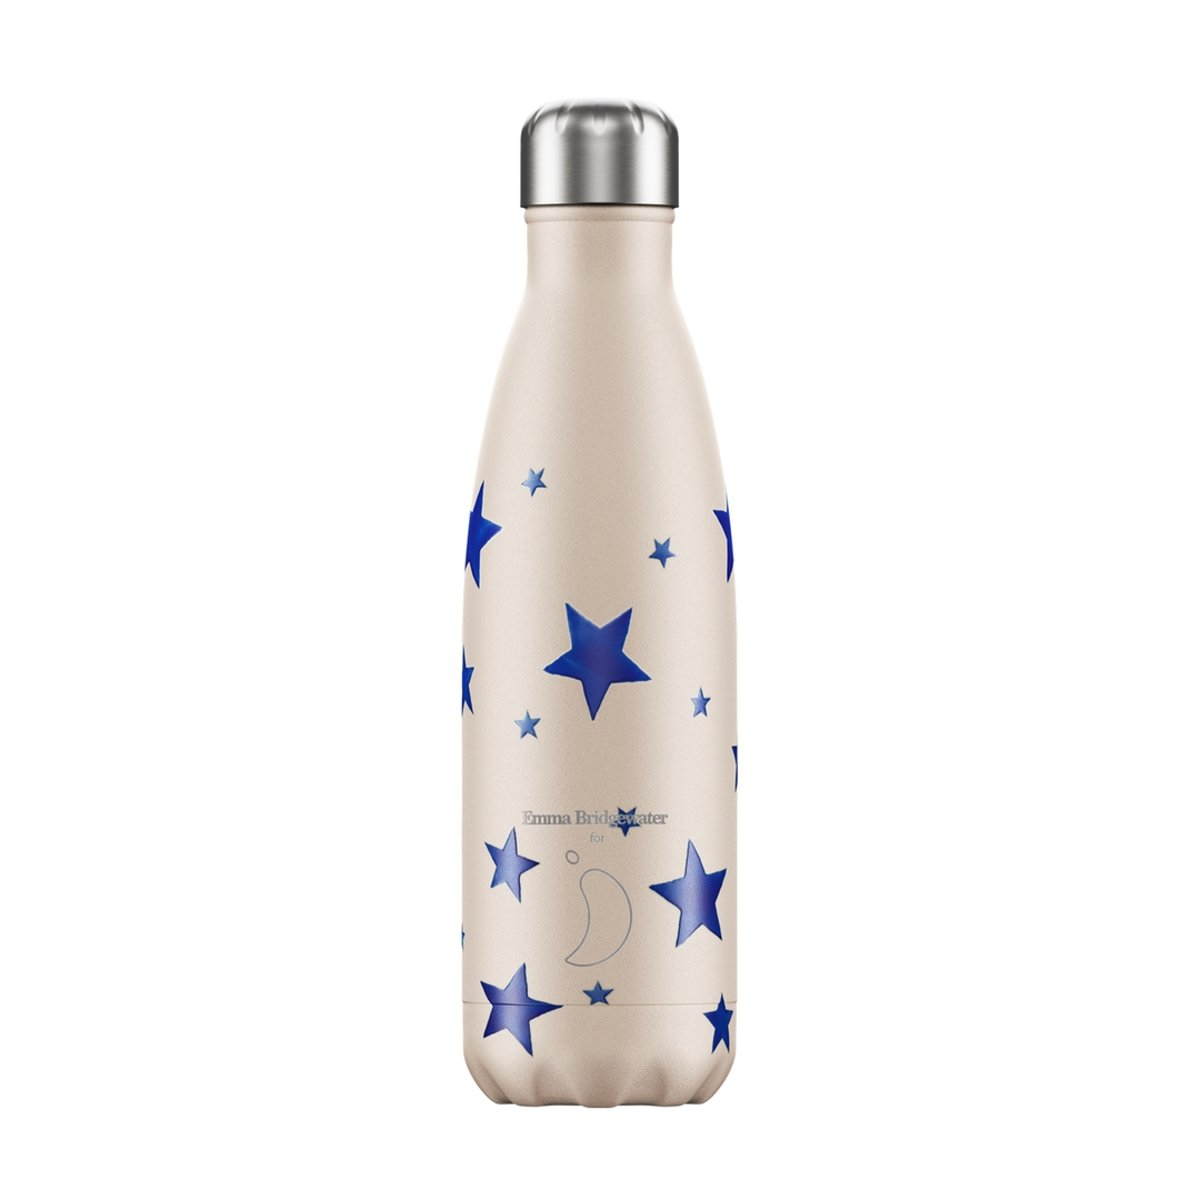 Thermosbeker van Chilly bottle in wit met blauwe sterren naar ontwerp van Emma Bridgewater